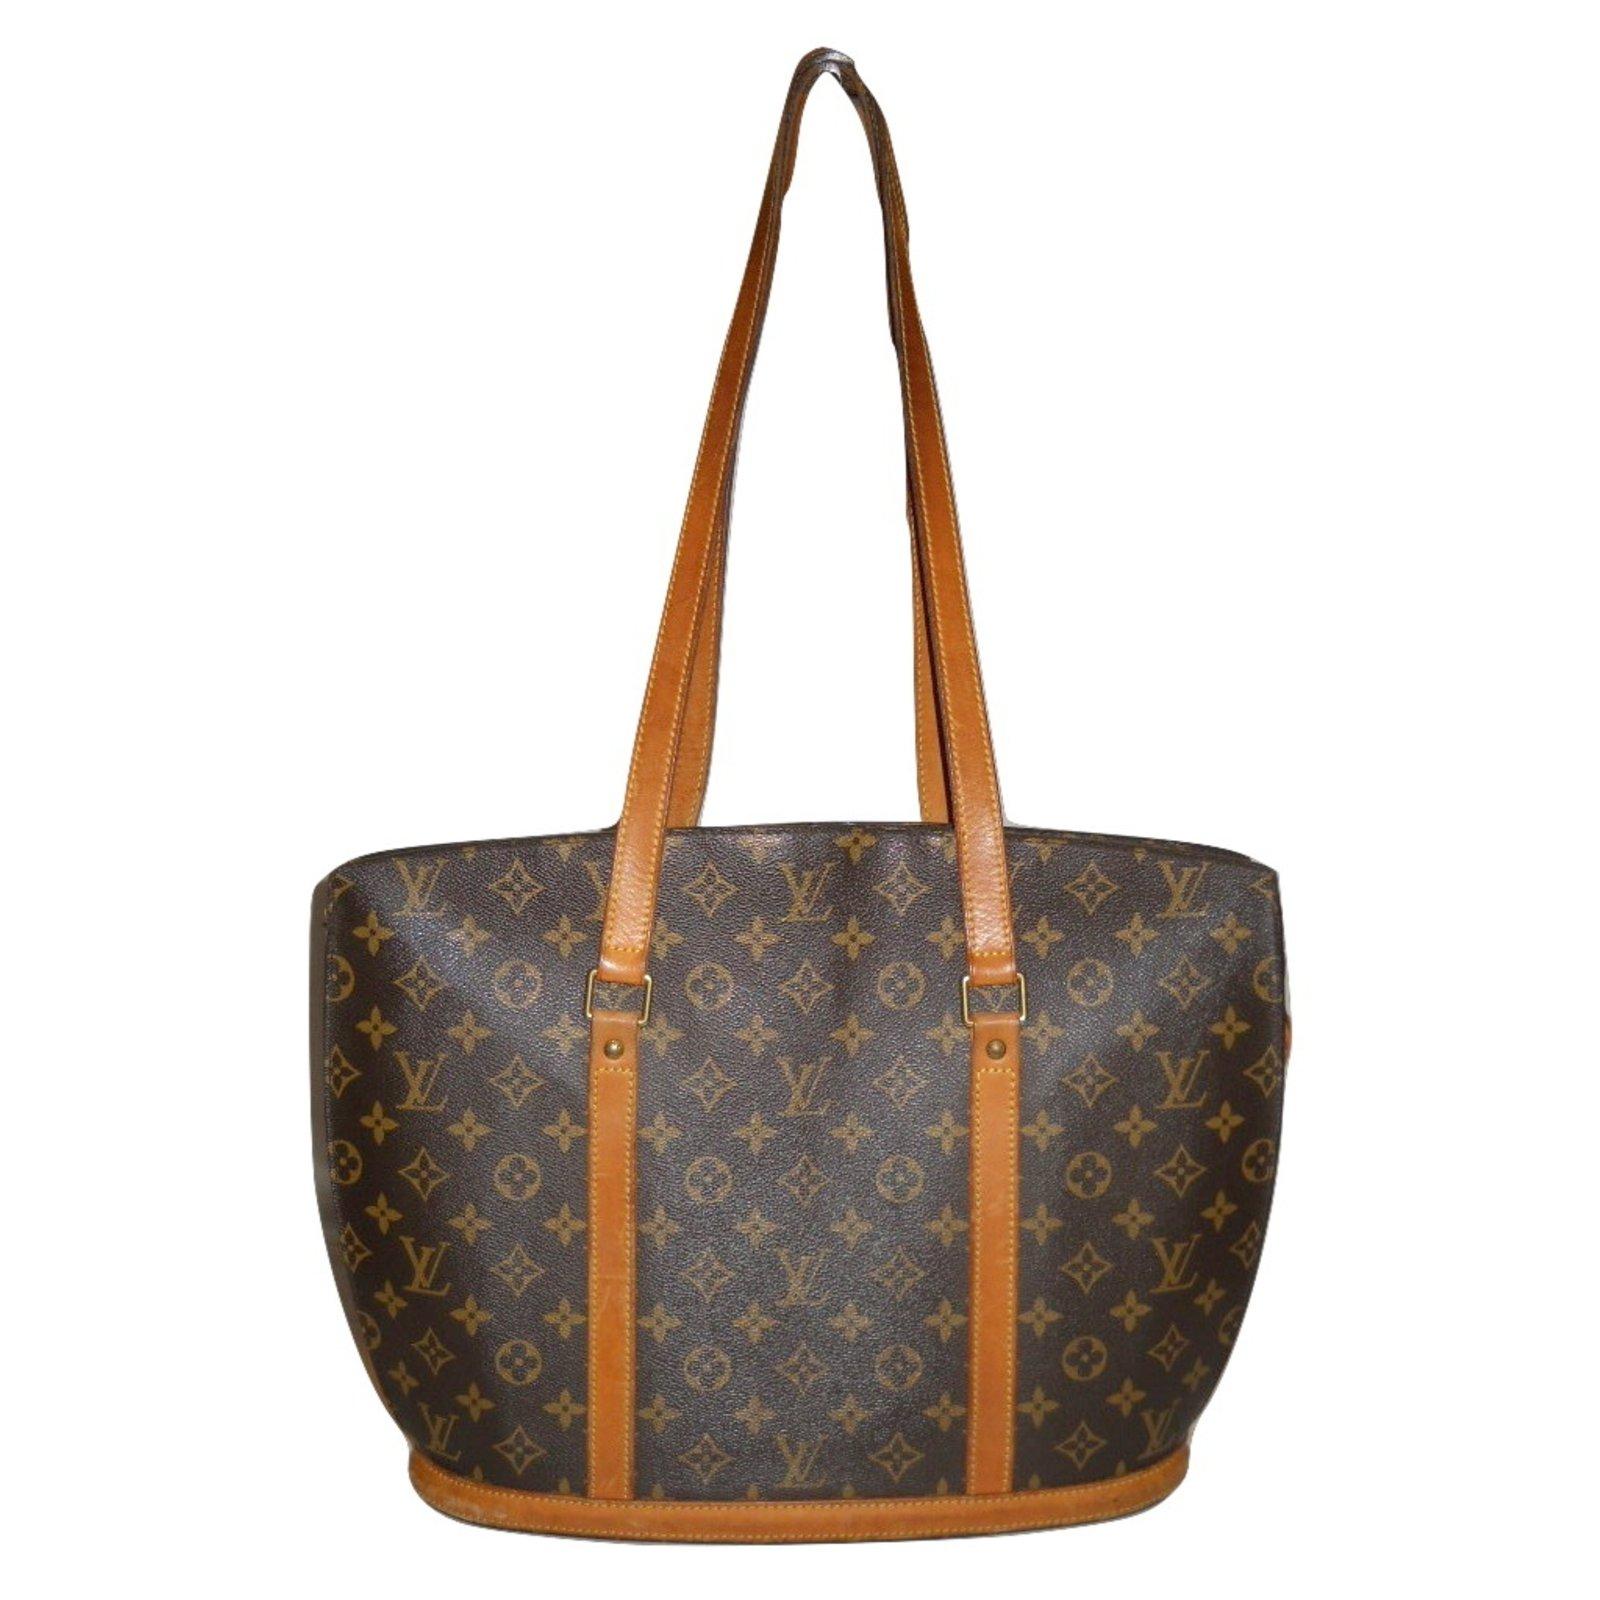 Sacs à main Louis Vuitton vintage Babylone Monogram Cuir,Toile Marron  ref.34973 c2667d8f3ff